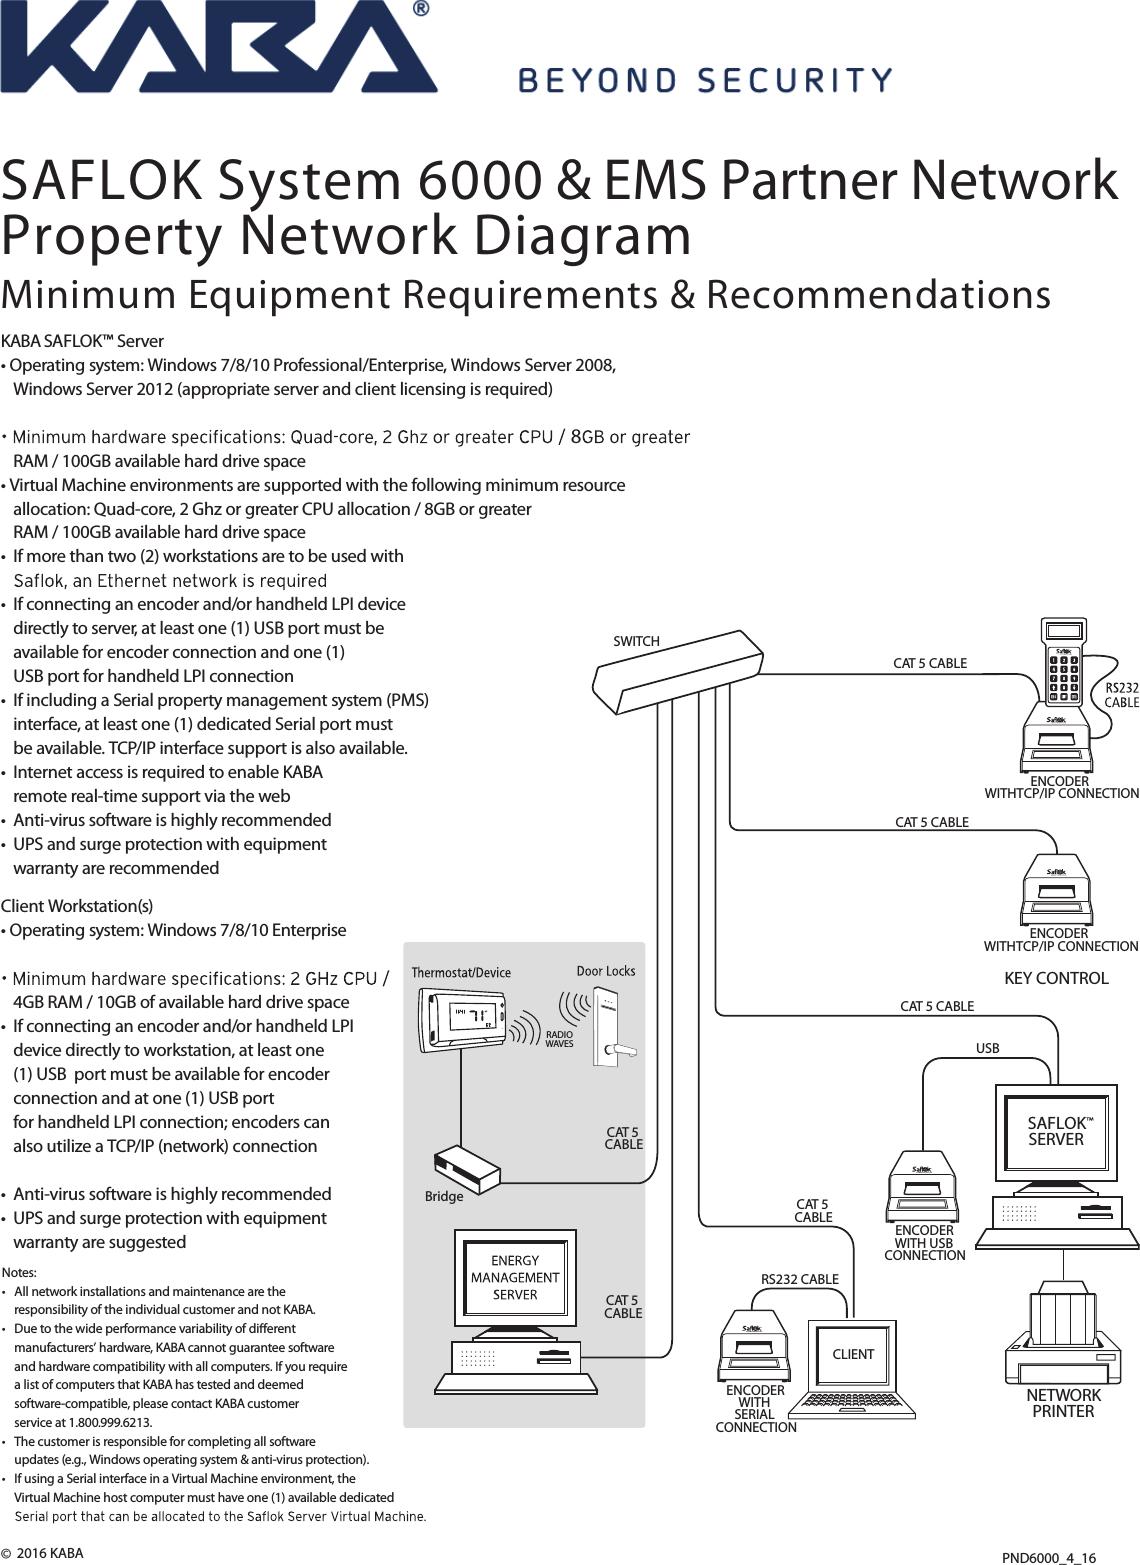 Kaba PND6000 EMS Network Saflok System 6000 & Partner